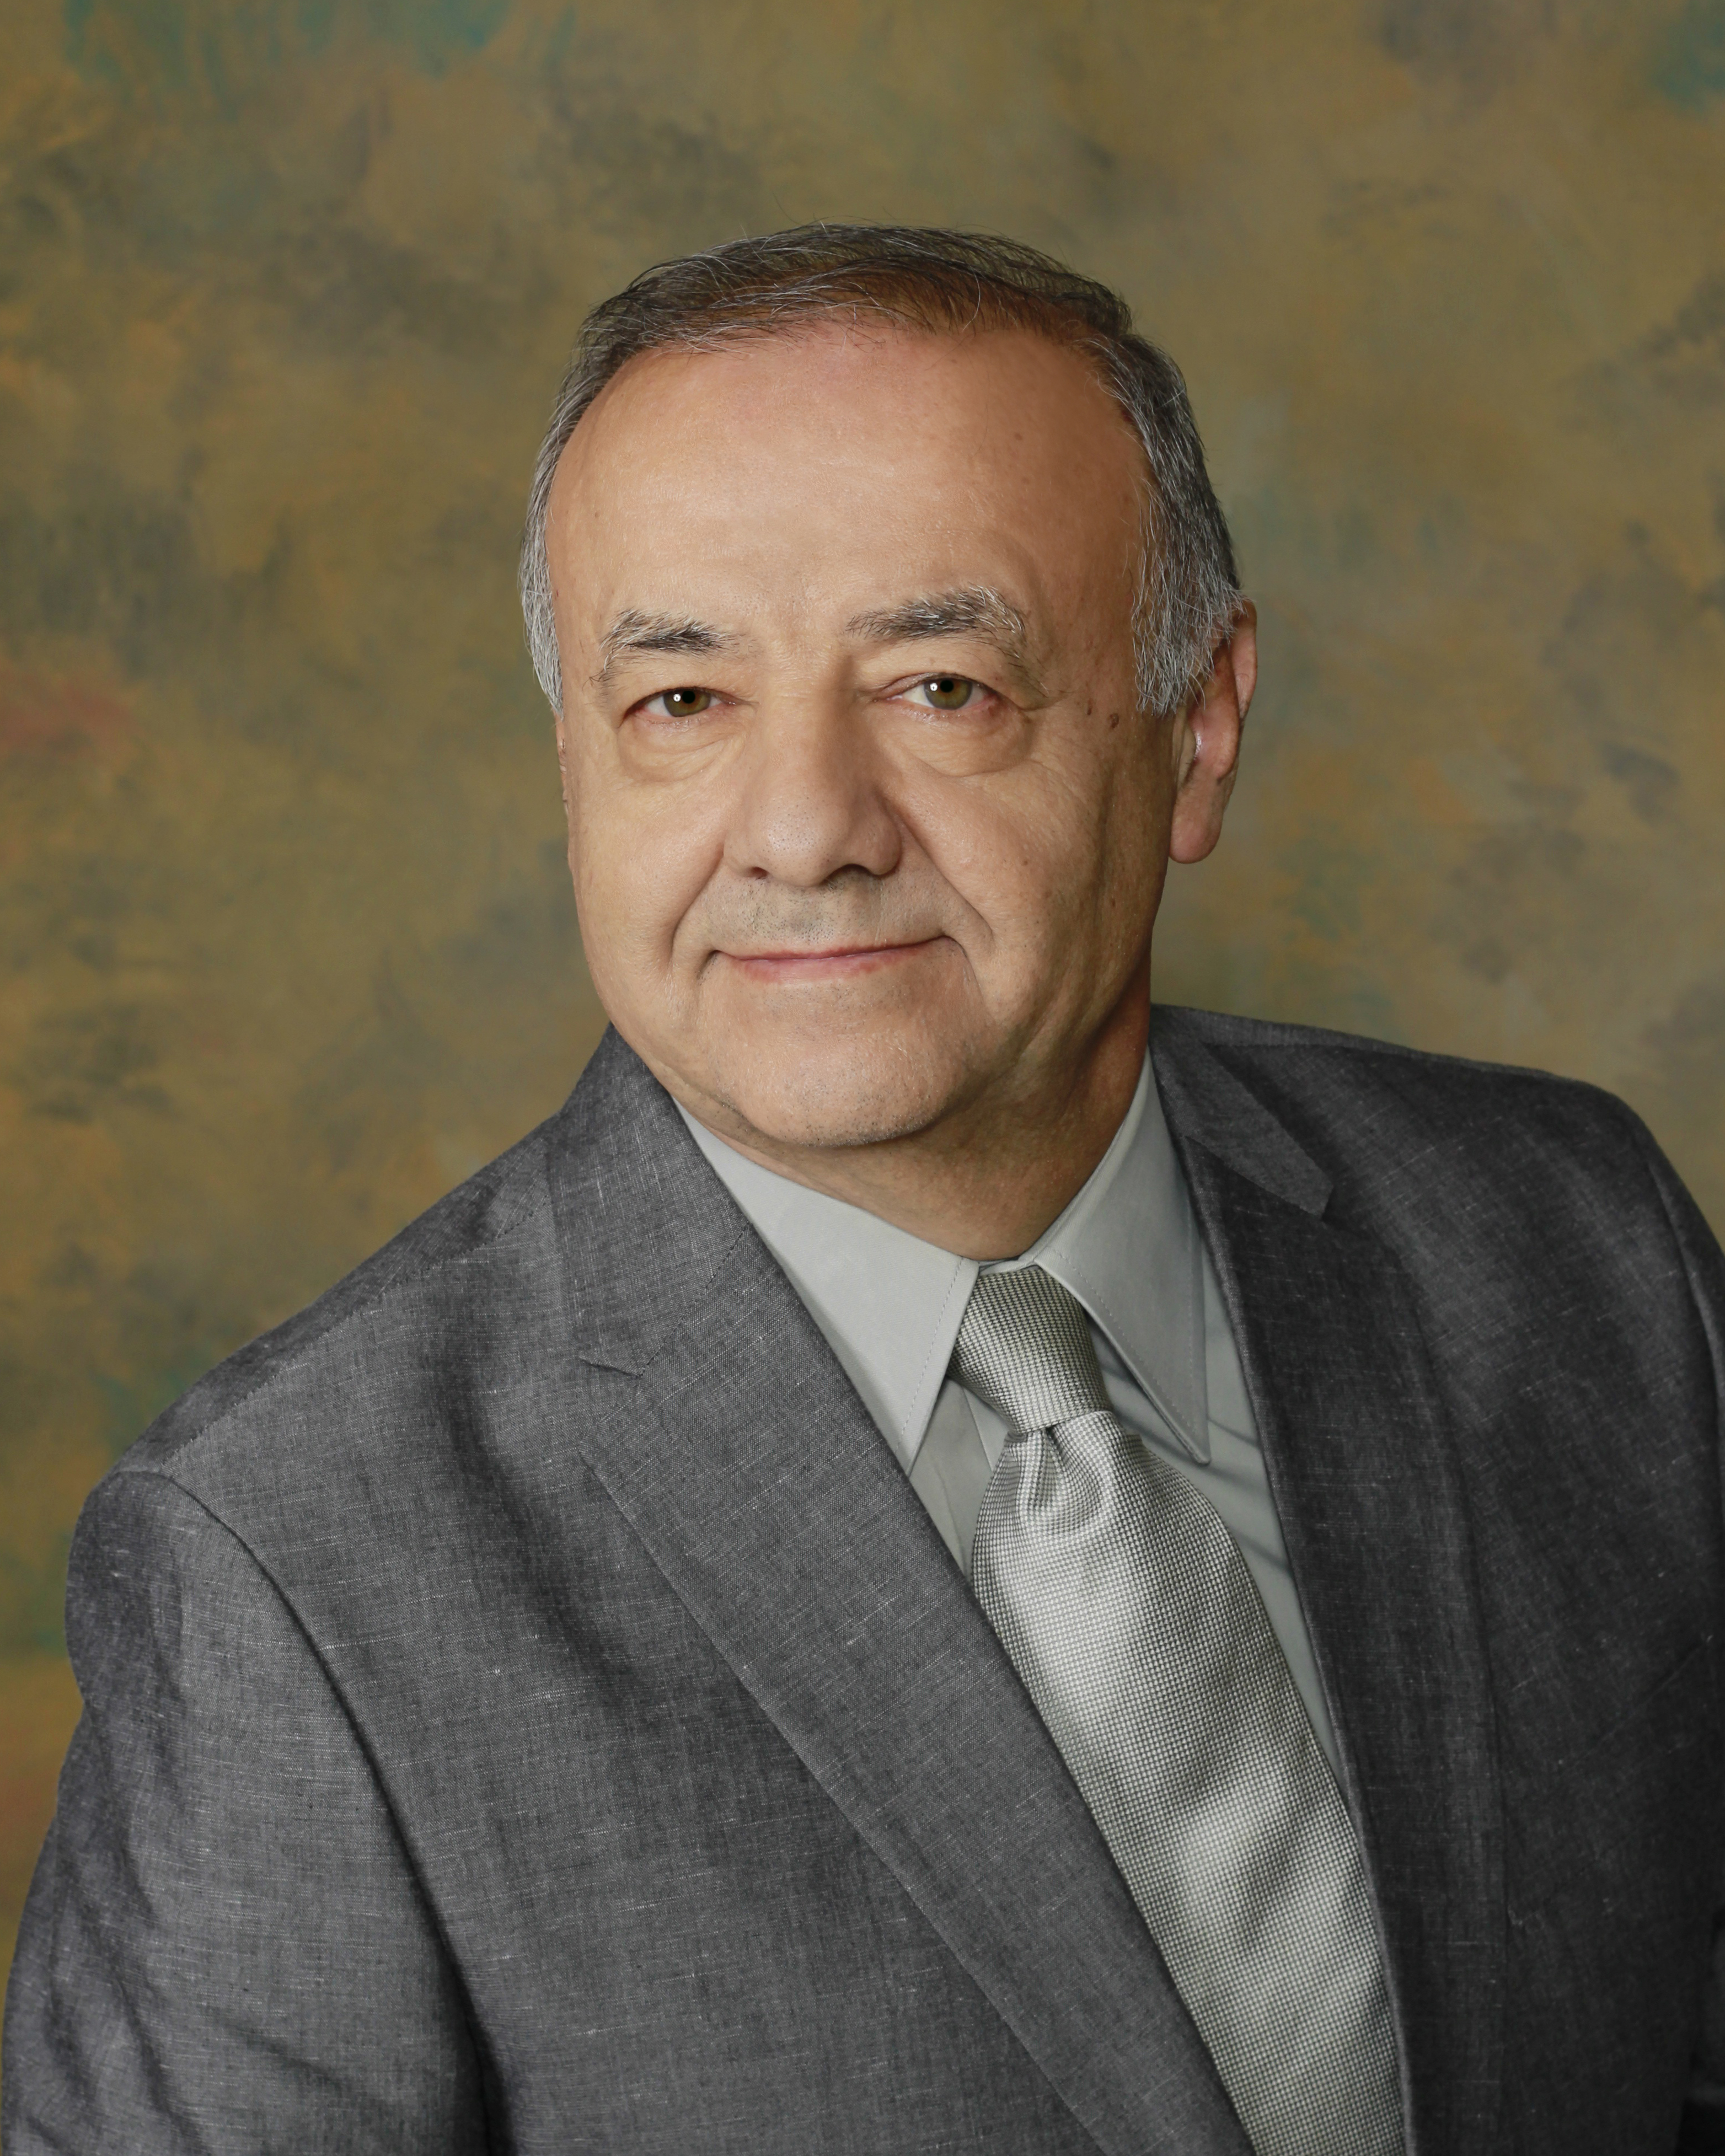 MARWAN OBID, M.D.